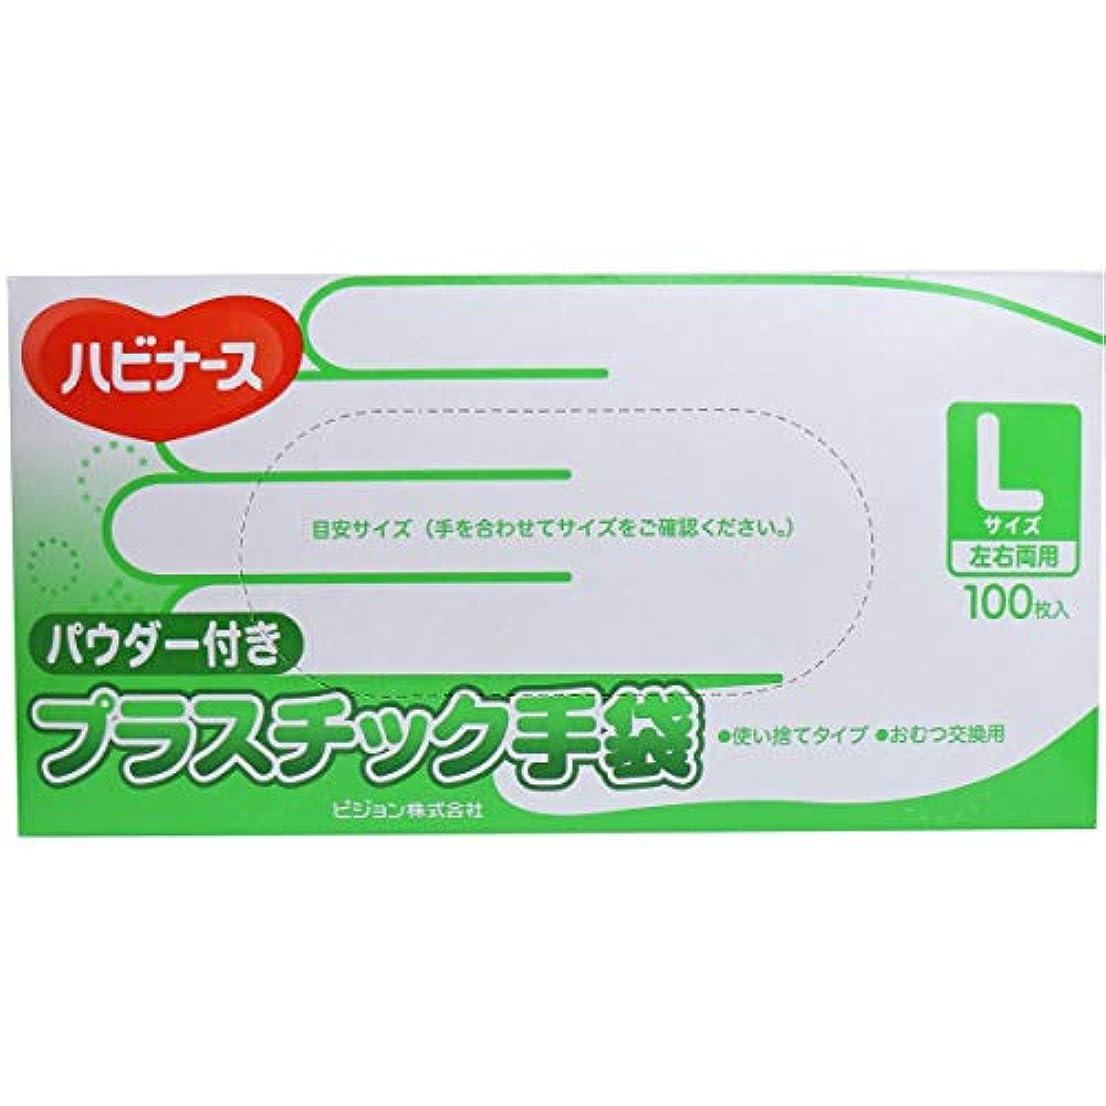 ほのめかす除外するマイナスハビナース プラスチック手袋 パウダー付き Lサイズ 100枚入(単品)